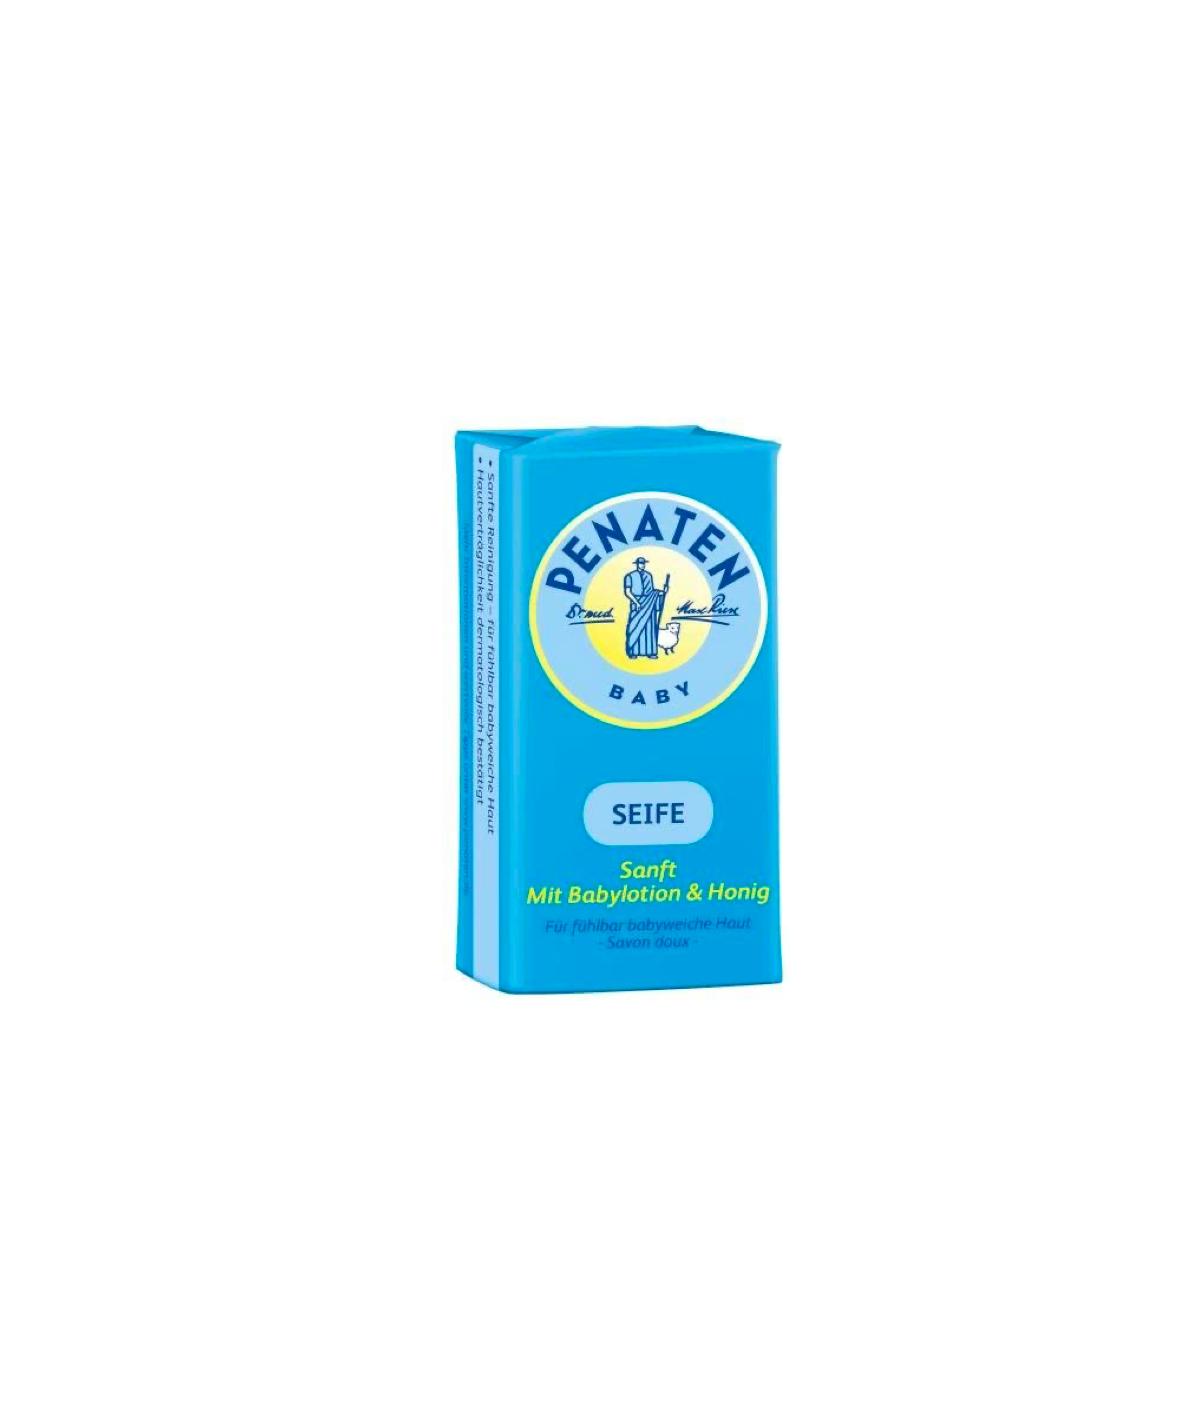 Savon Penaten, 100 g